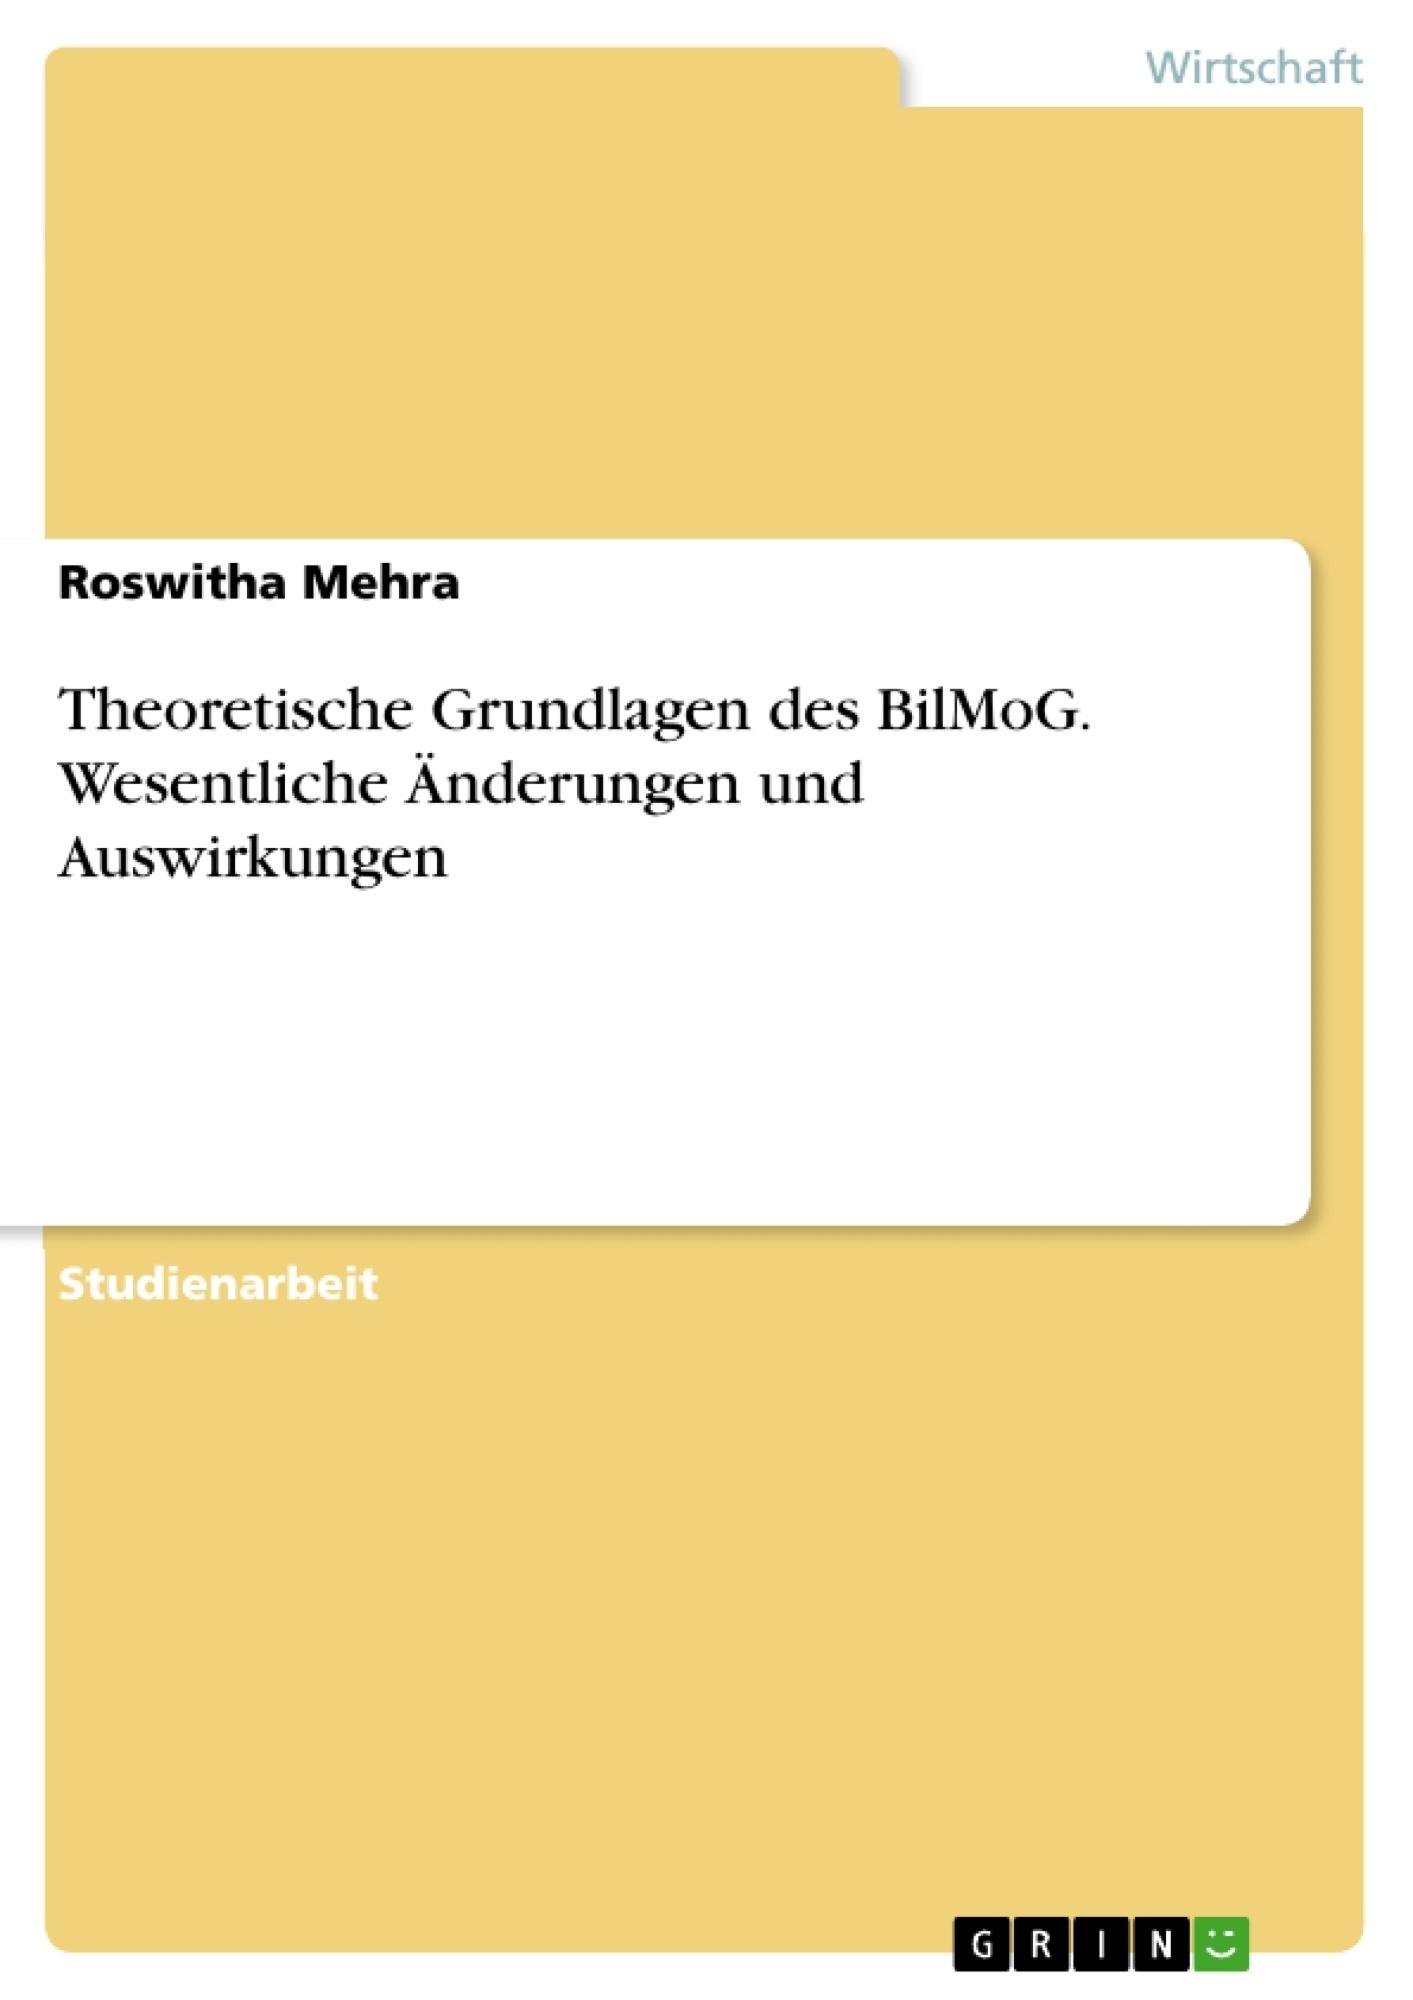 Titel: Theoretische Grundlagen des BilMoG. Wesentliche Änderungen und Auswirkungen